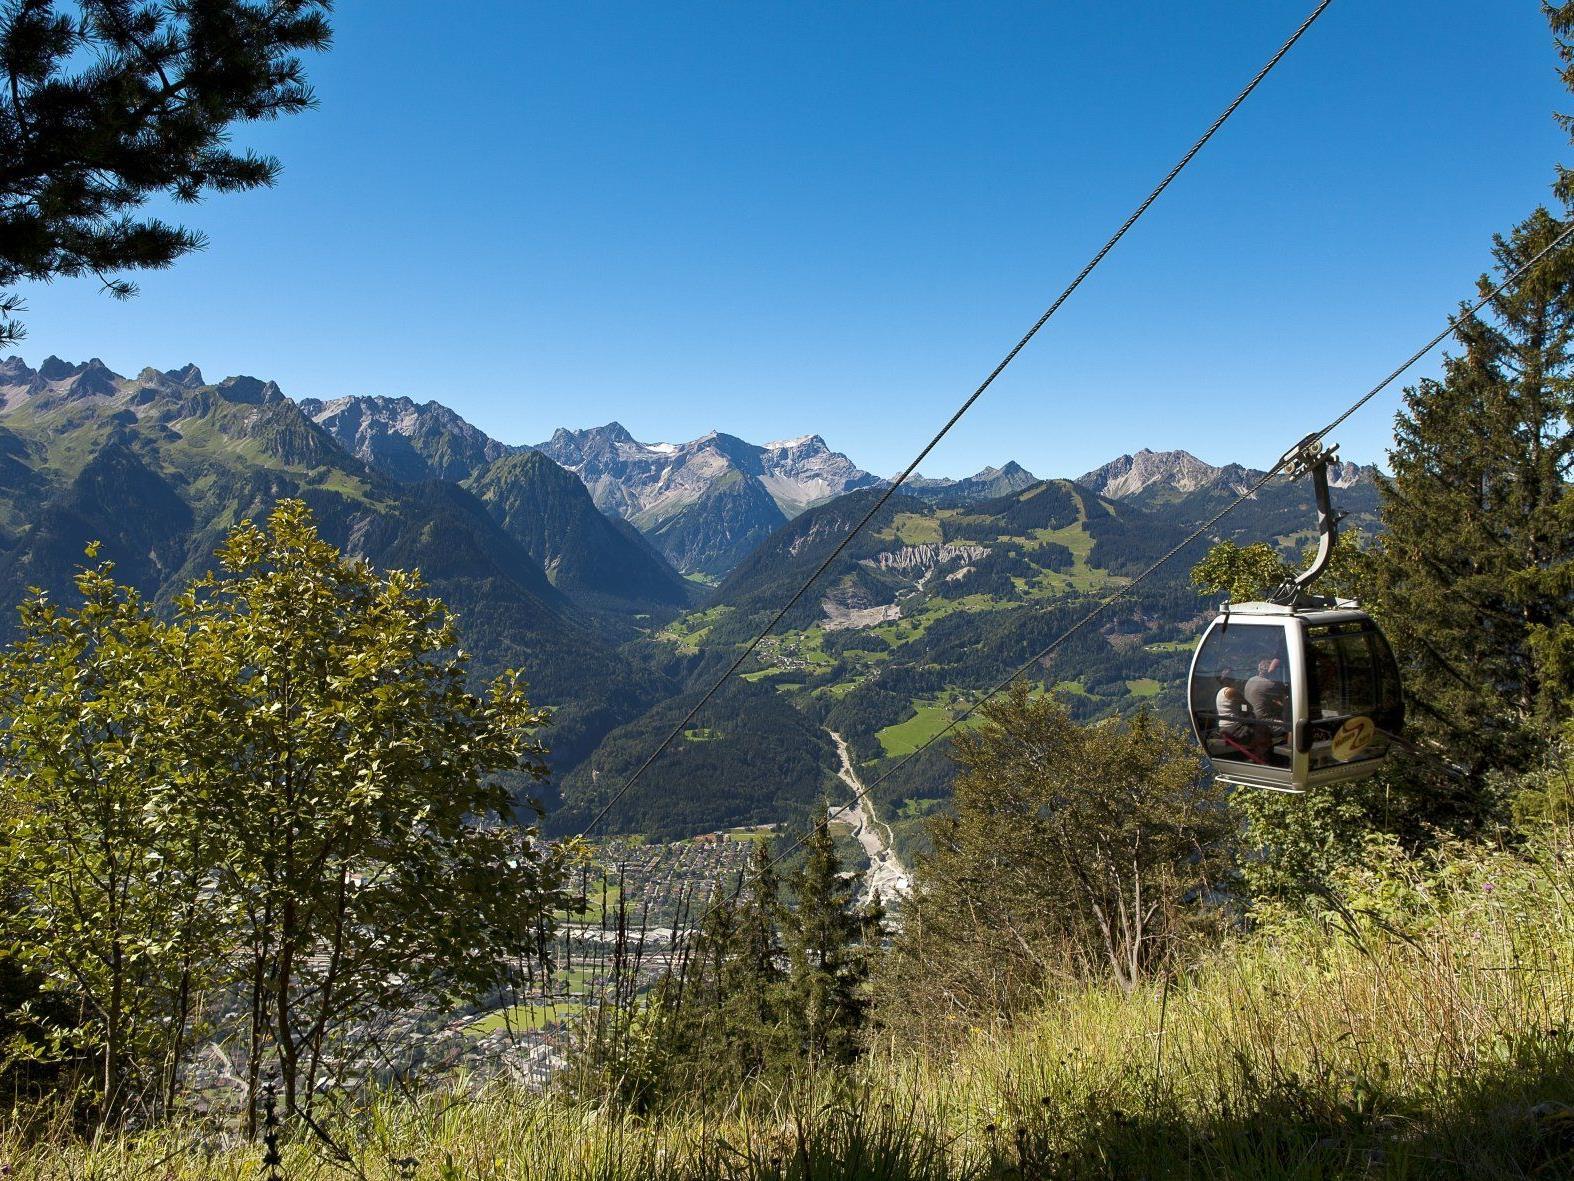 Die Muttersbergbahn ist vom 4. bis 27. April an den Wochenenden und ab 1. Mai durchgehend geöffnet.